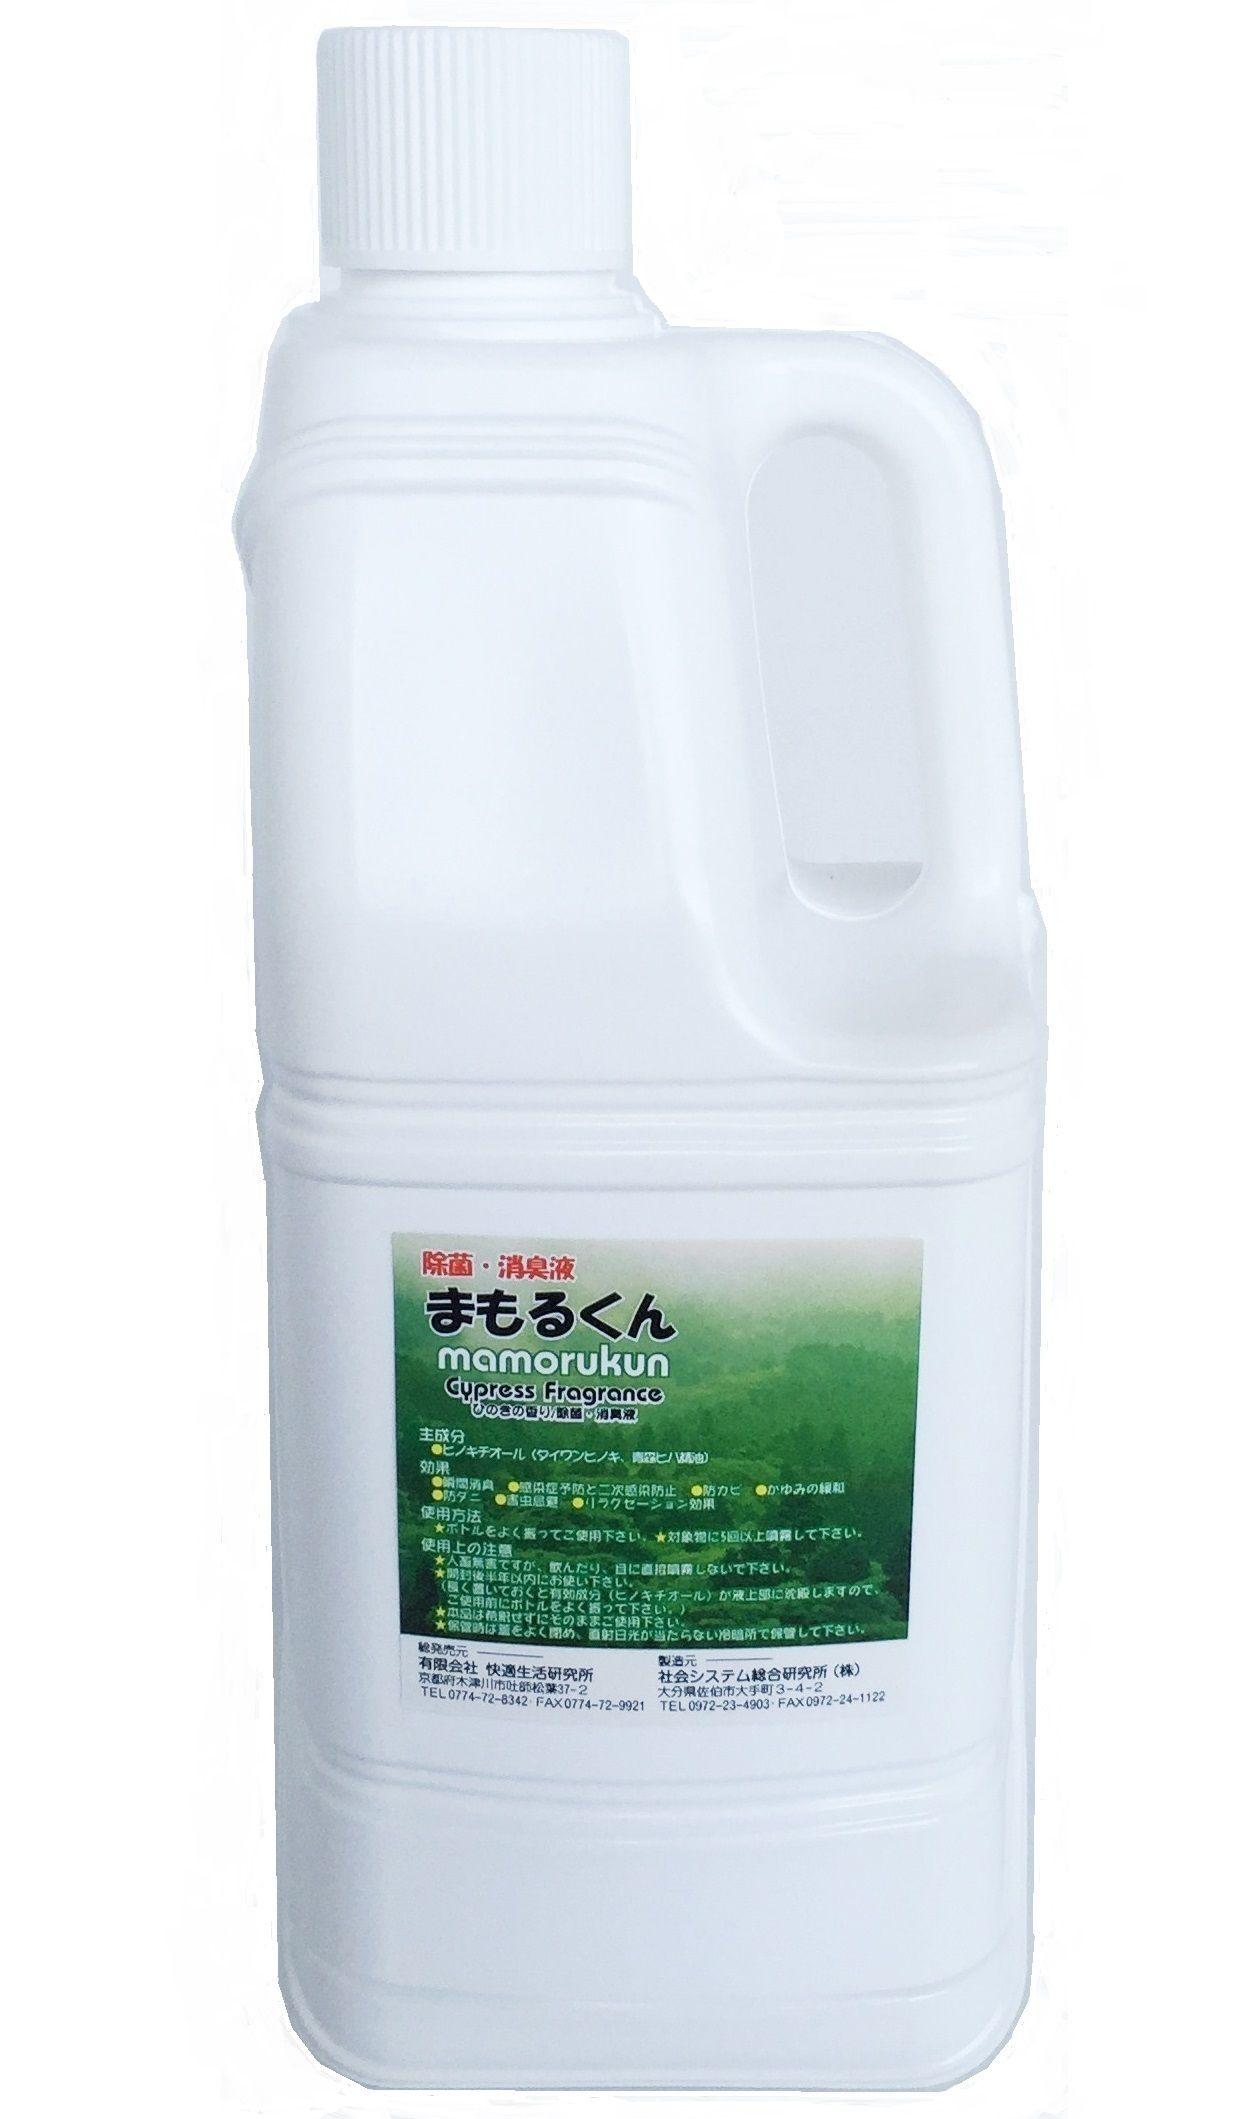 ヒノキチオールからできた除菌消臭リフレッシュ【まもるくん(詰め替え用)2L】